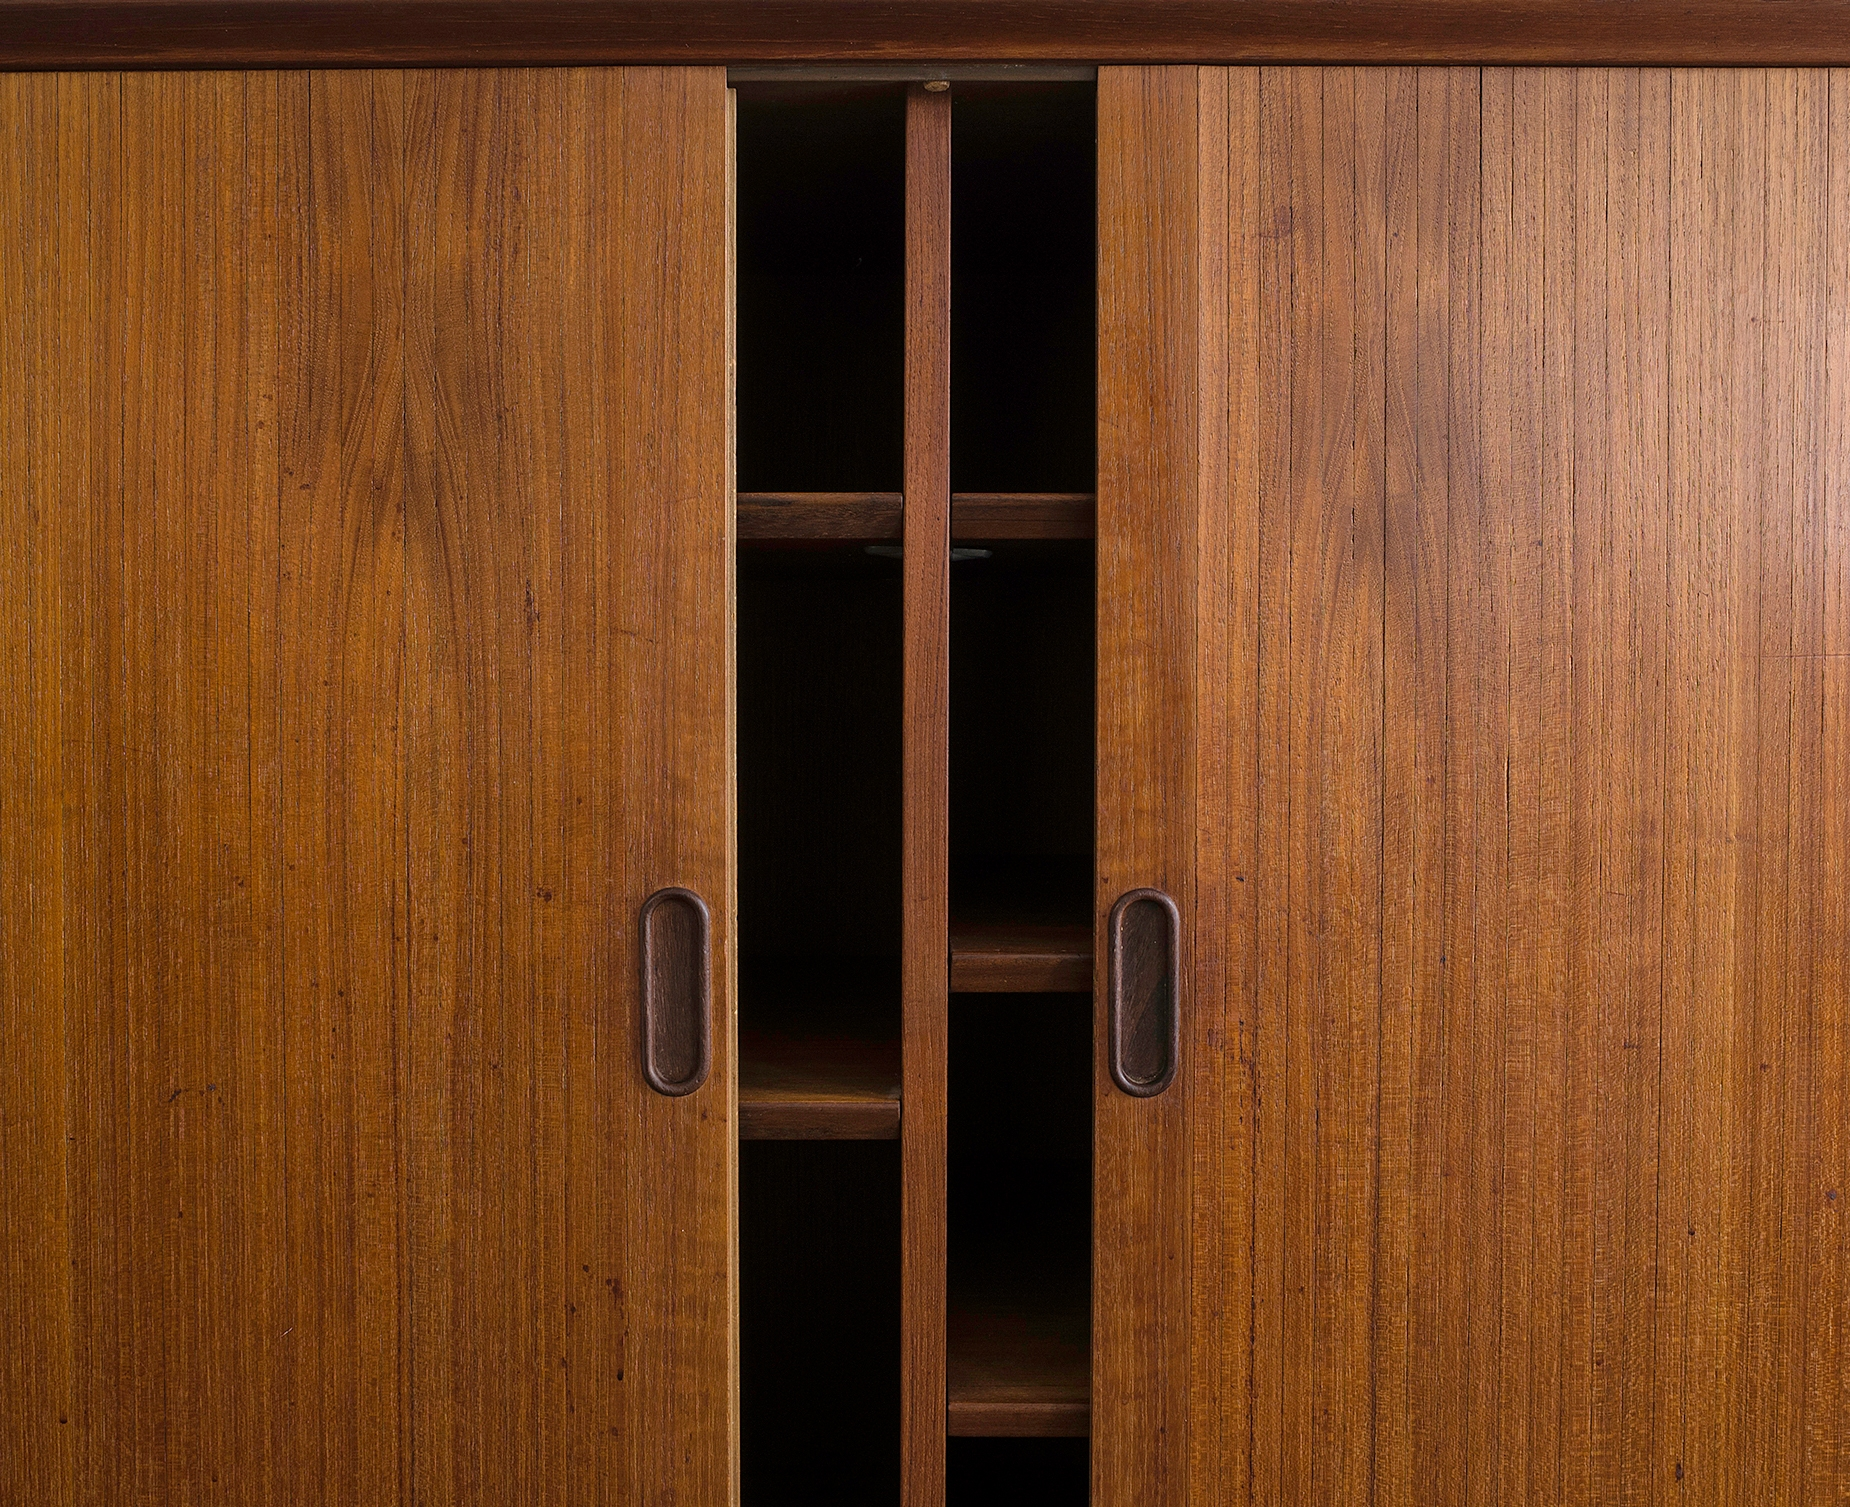 triennale-teak-highboard-by-arne-vodder-image-05